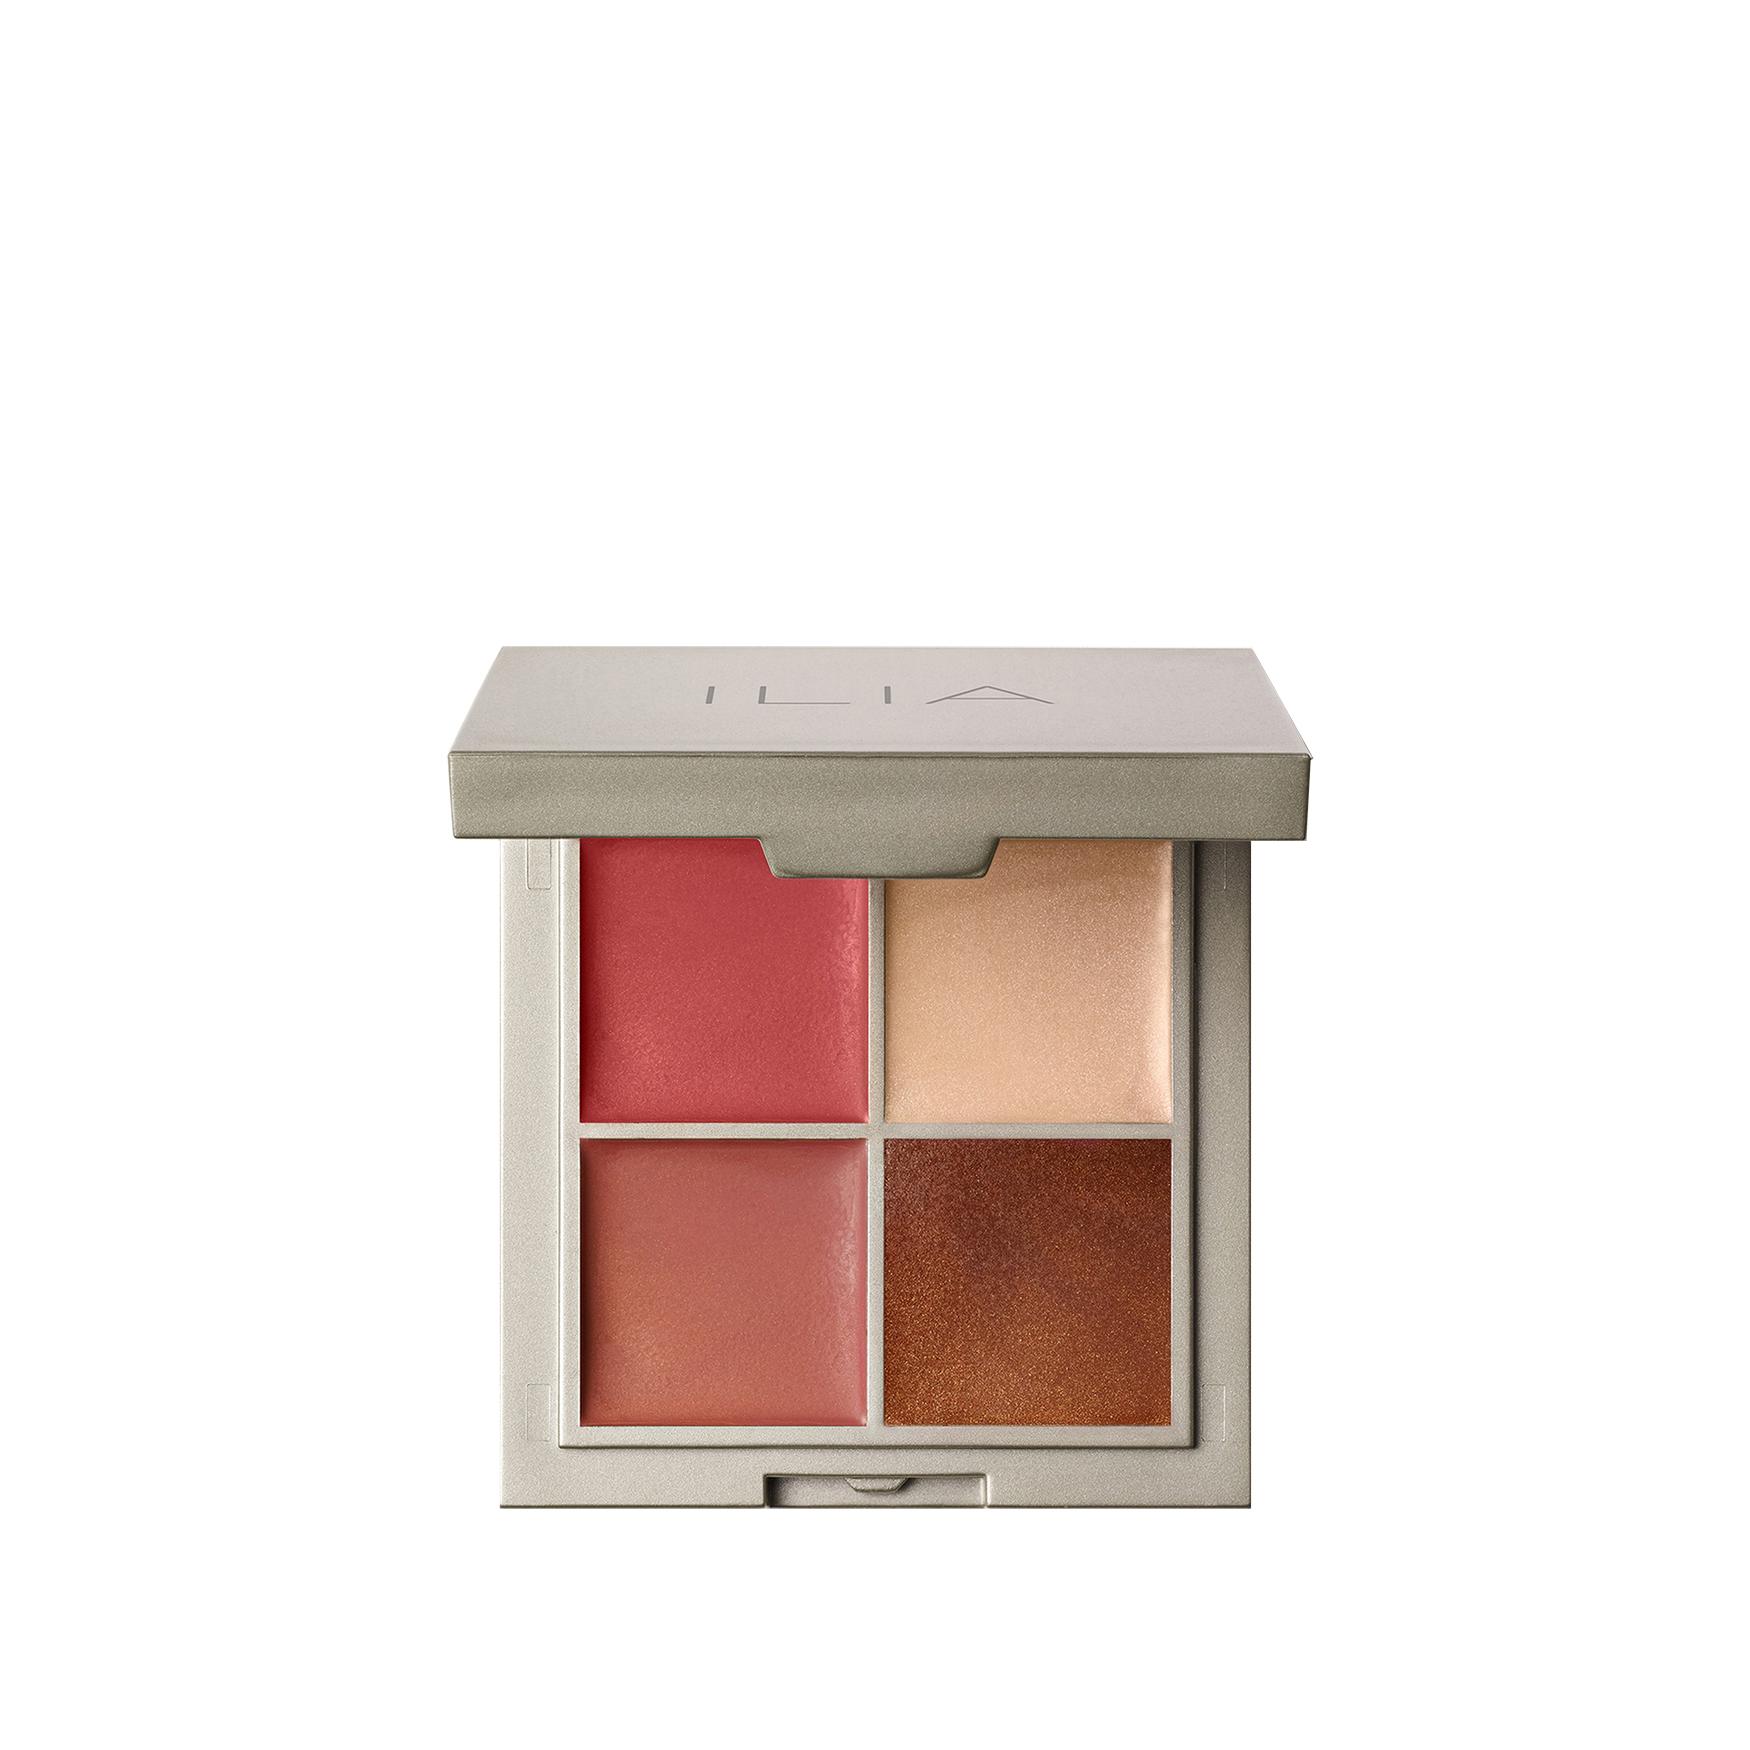 Essential Face Palette, 0.21 OZ / 6 G, large